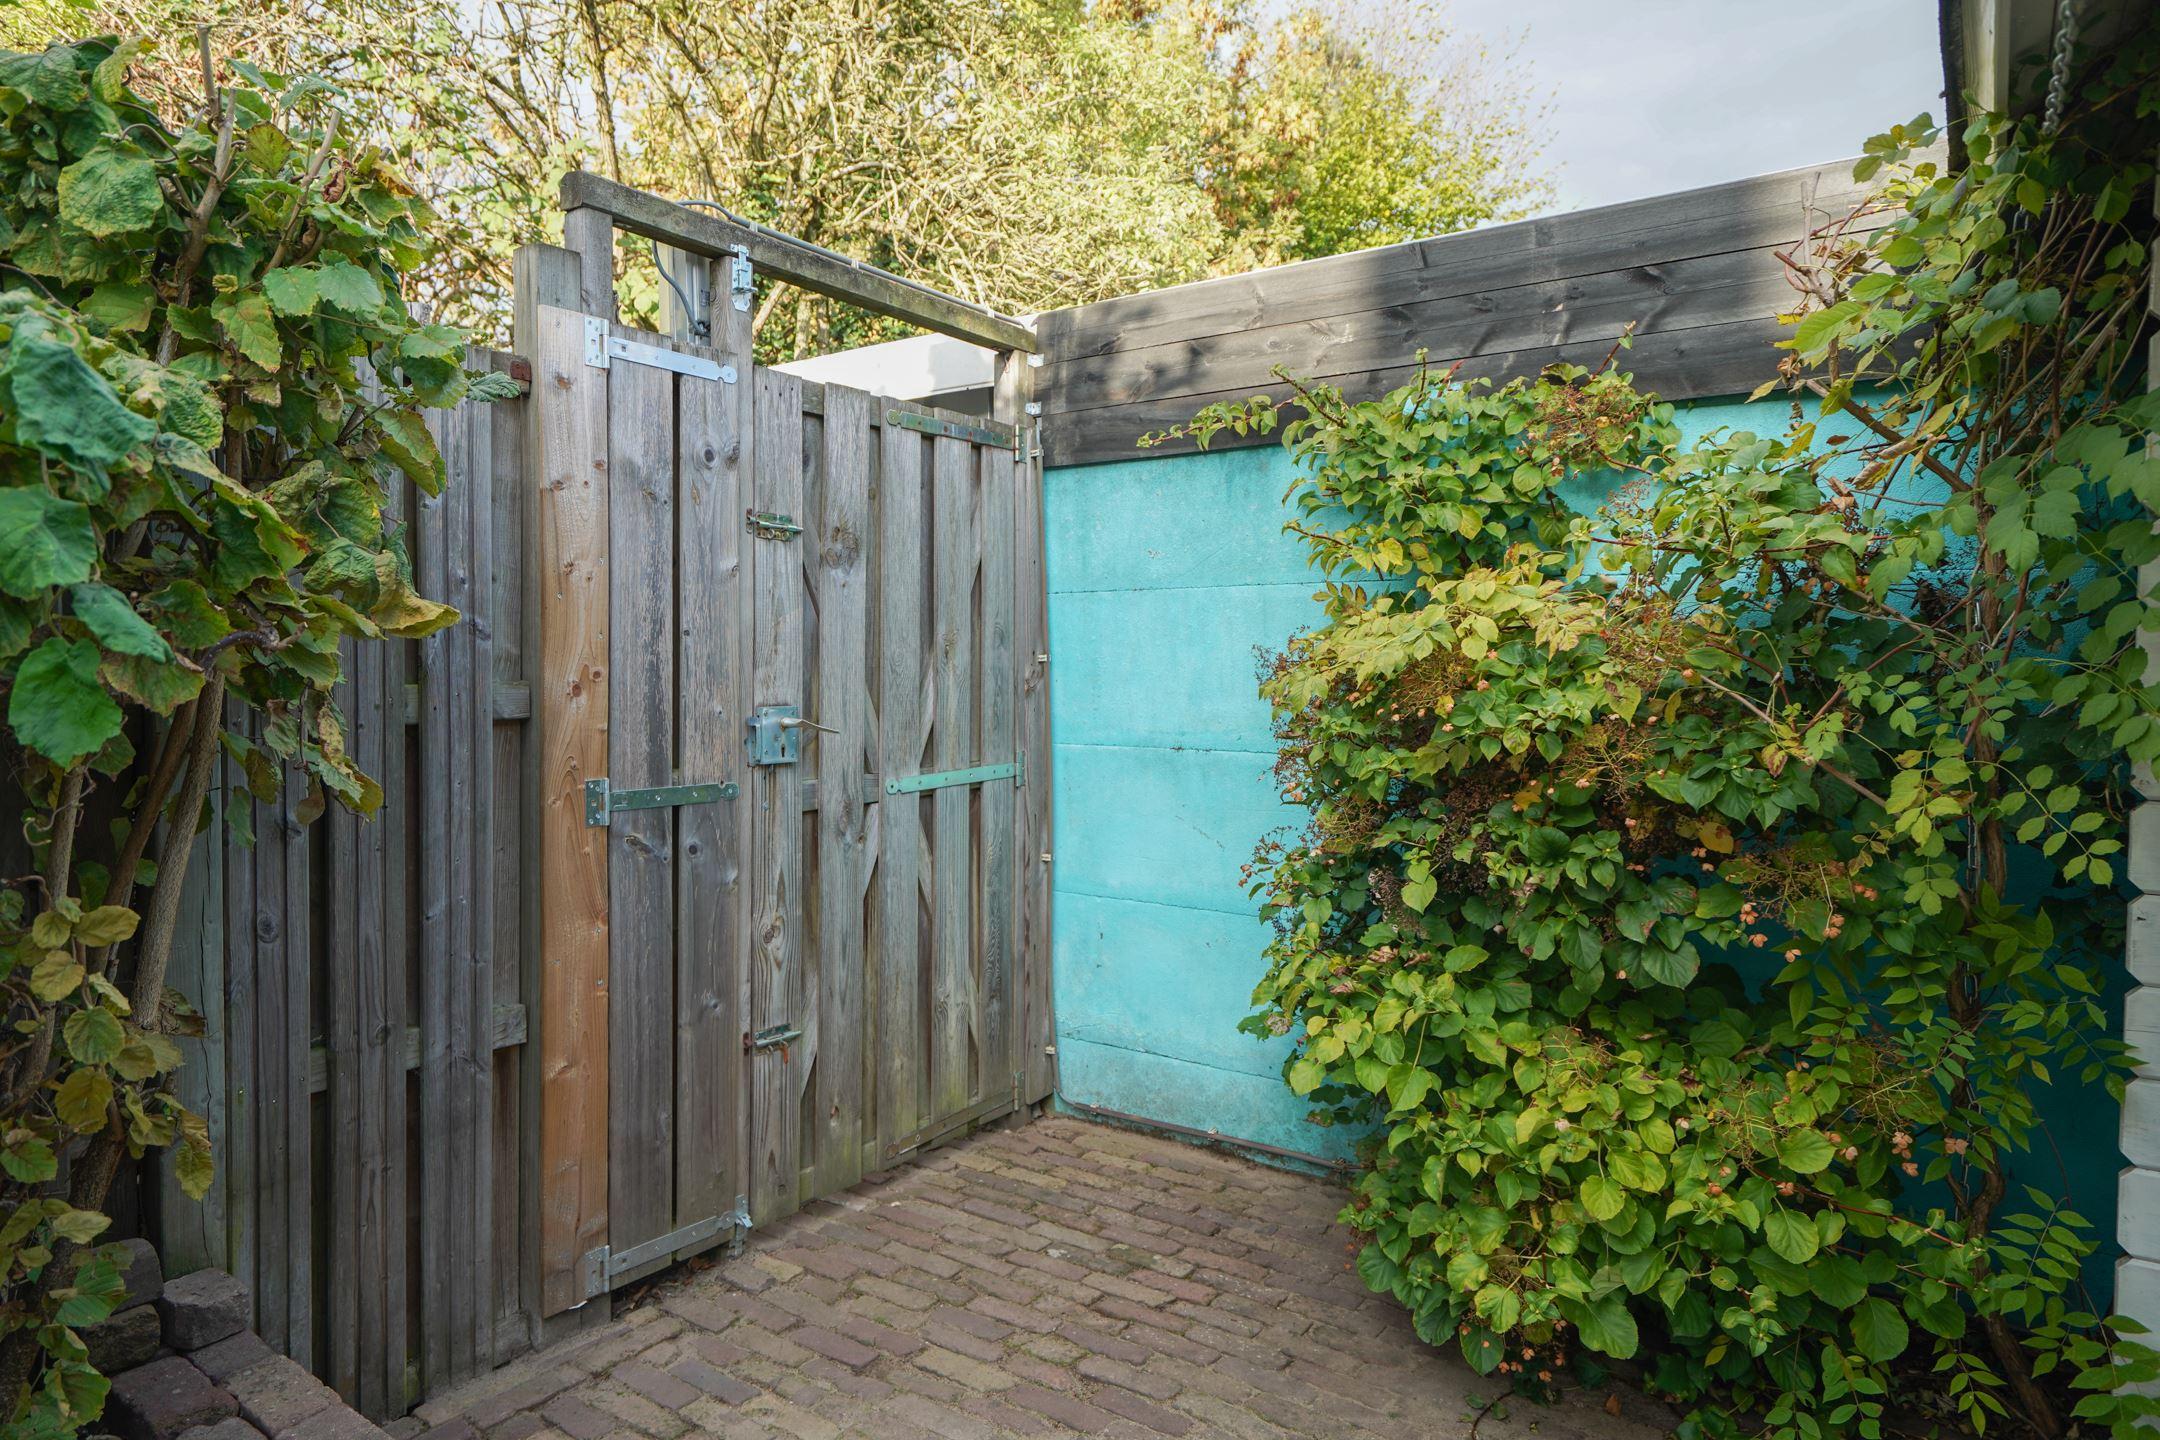 Huis te koop bosbesstraat 92 6542 nw nijmegen funda for Woning te koop nijmegen